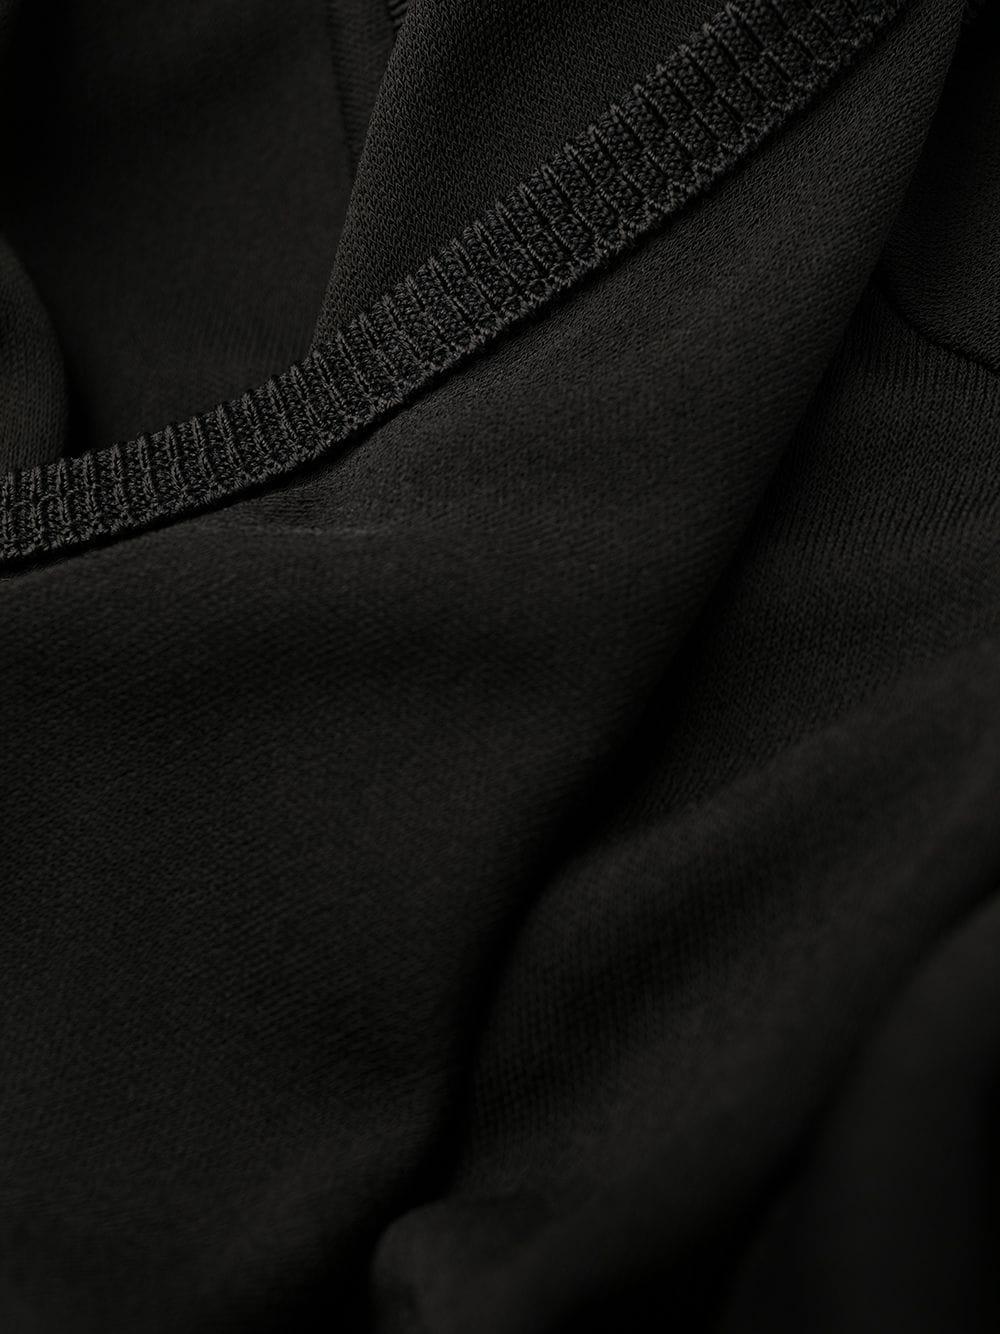 Abito in filo viscosa con gonna plissettata in misto cotone e raso nero e beige di media lunghezza GIVENCHY | Abiti | BW20PM3Z26007